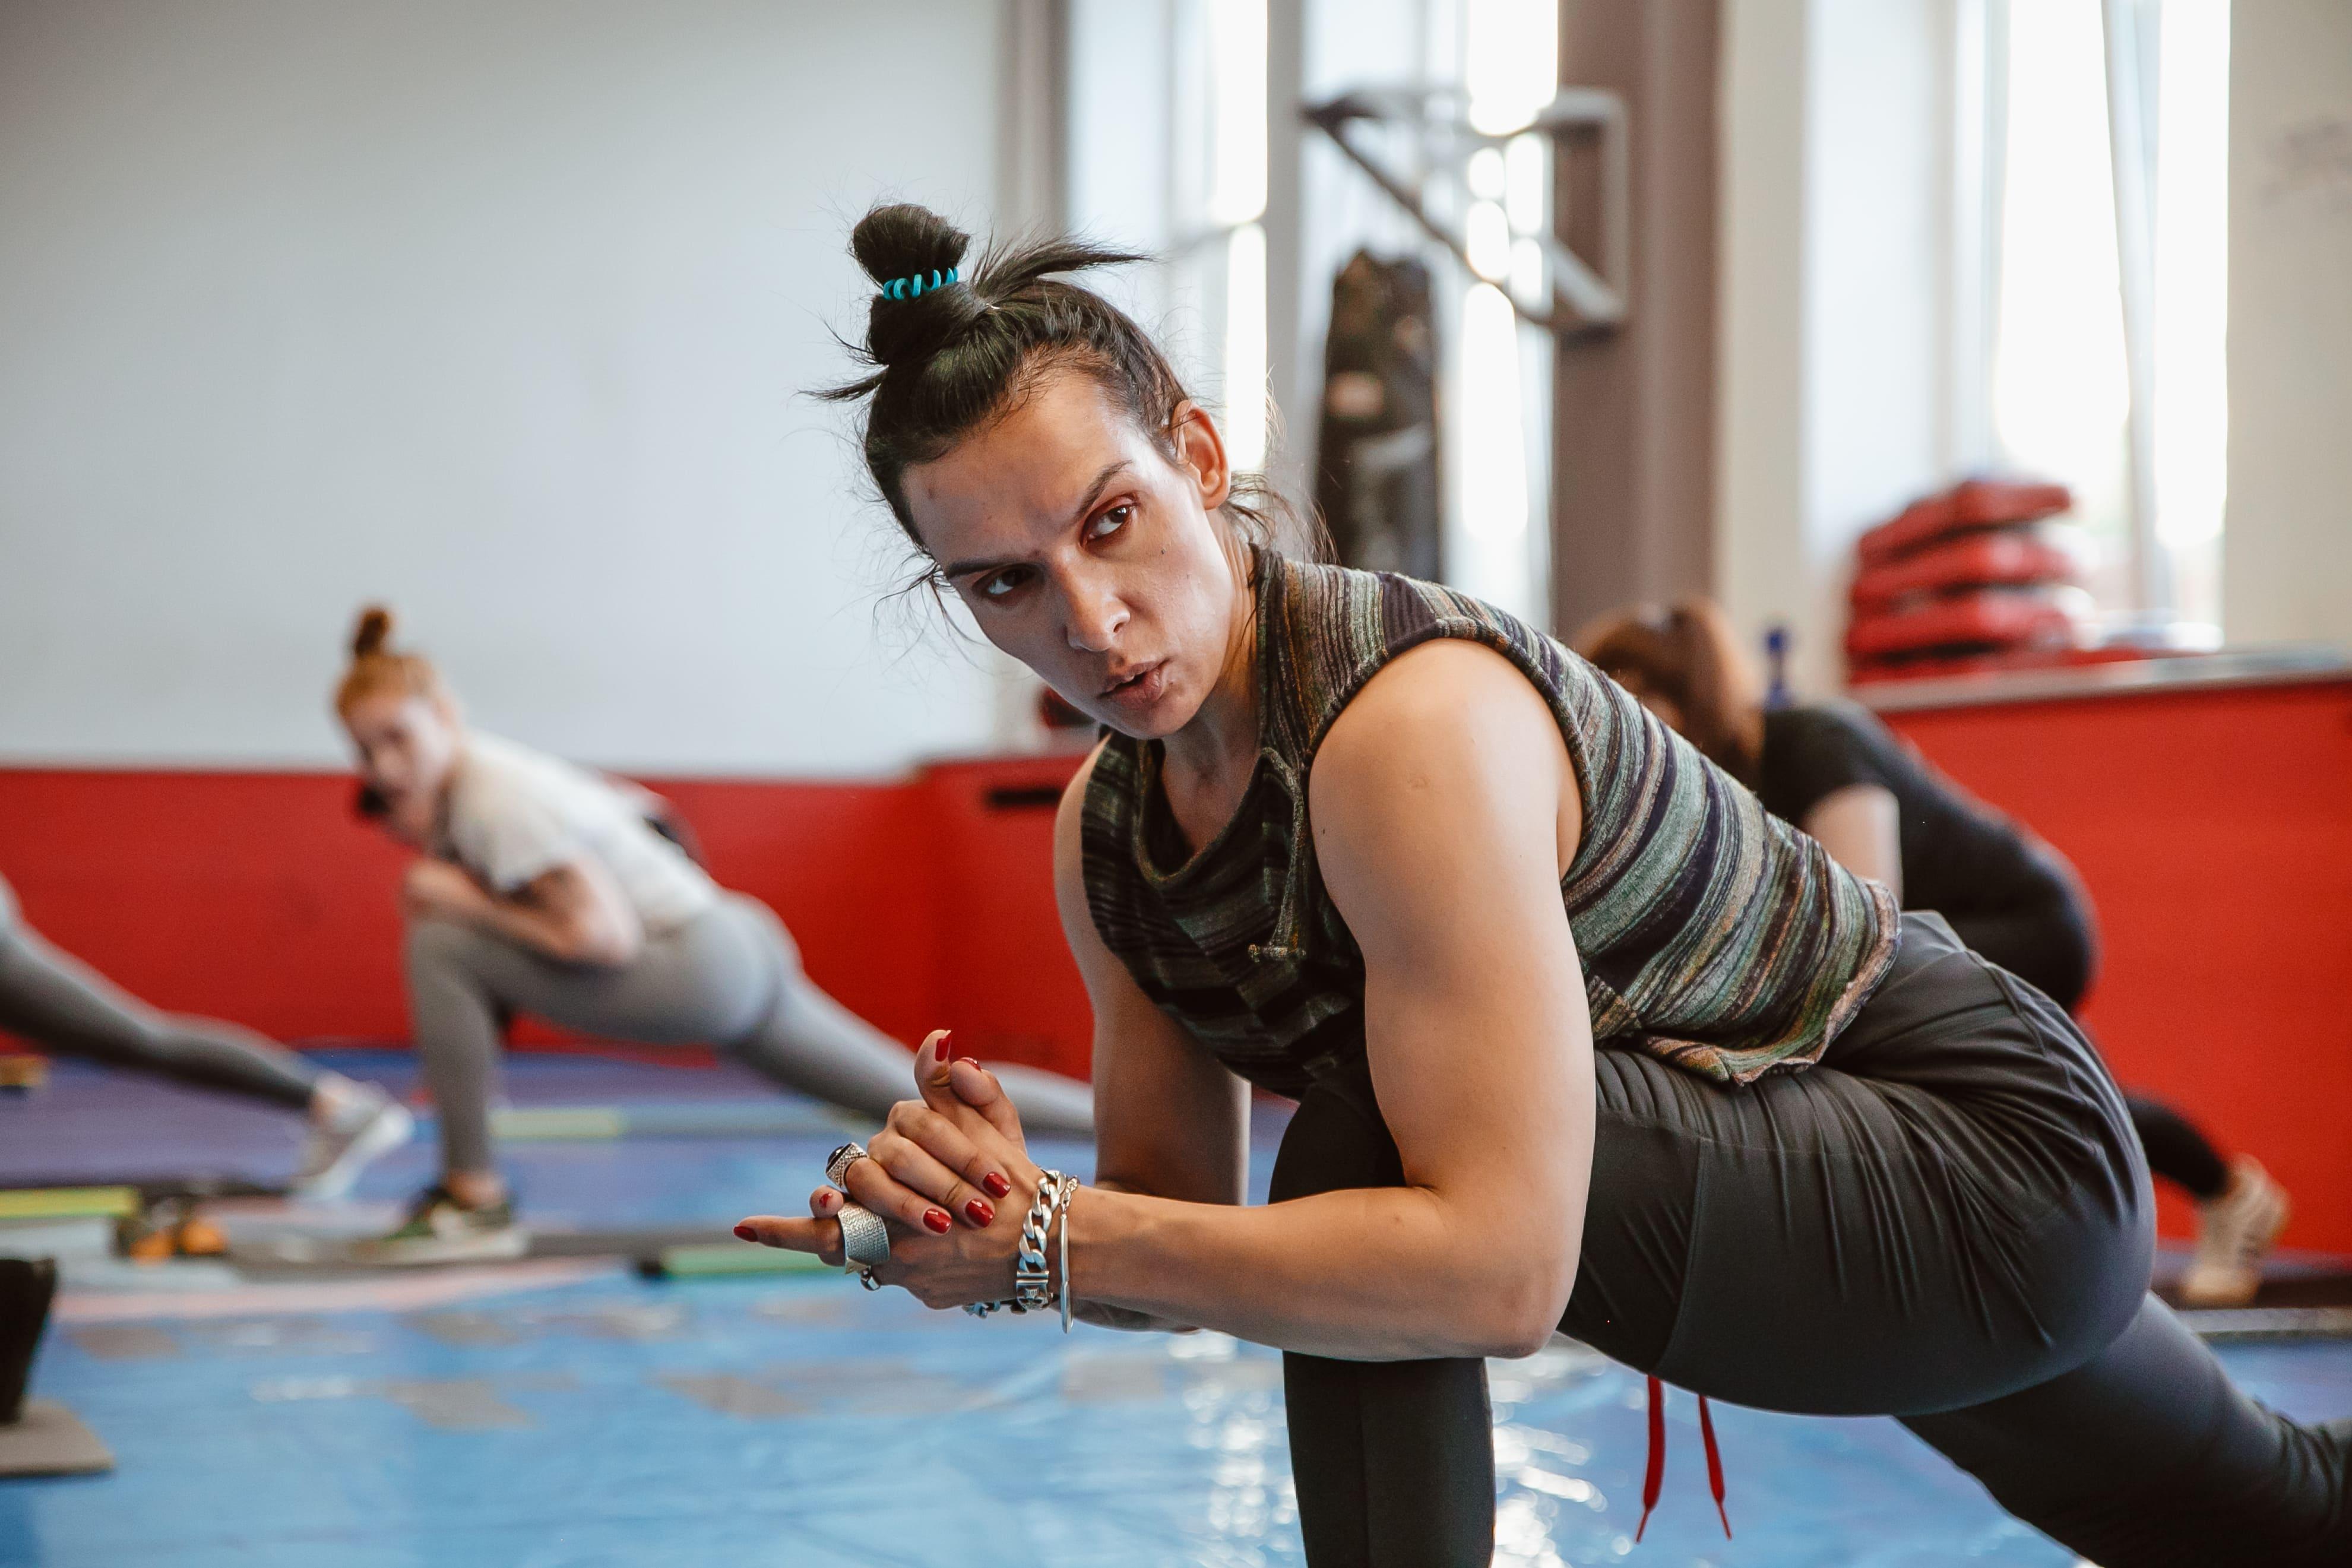 Университет «Синергия» открыл новую фитнес-студию Synergy Mix Training